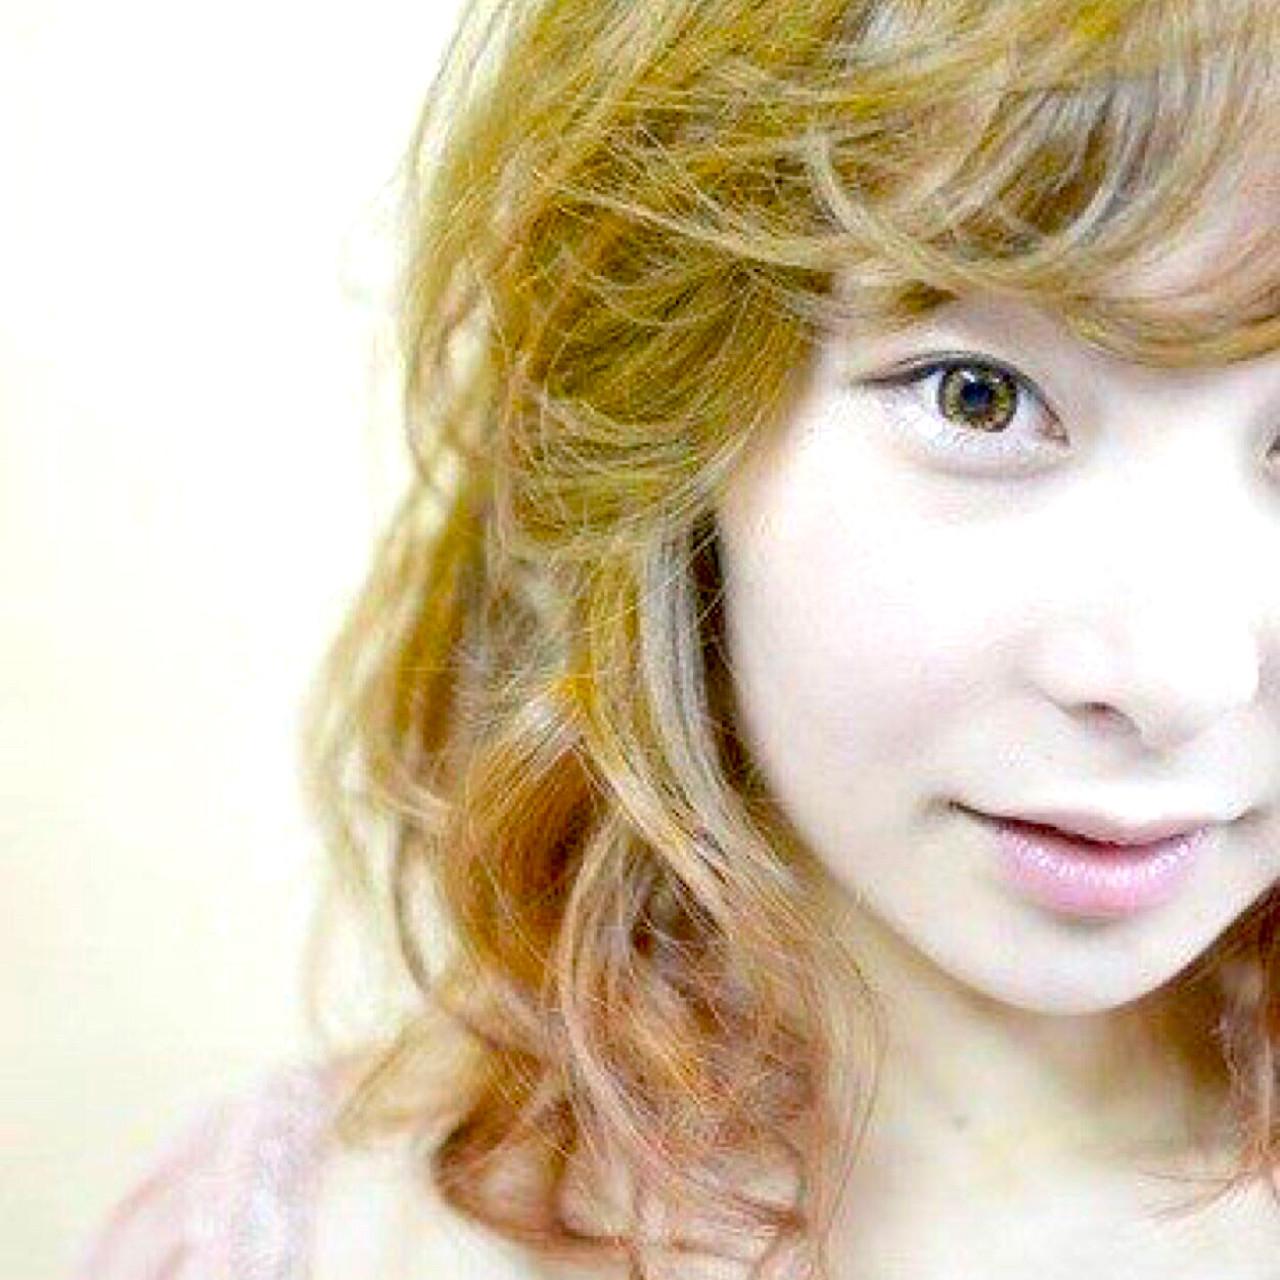 小顔 ストリート グラデーションカラー ピンク ヘアスタイルや髪型の写真・画像